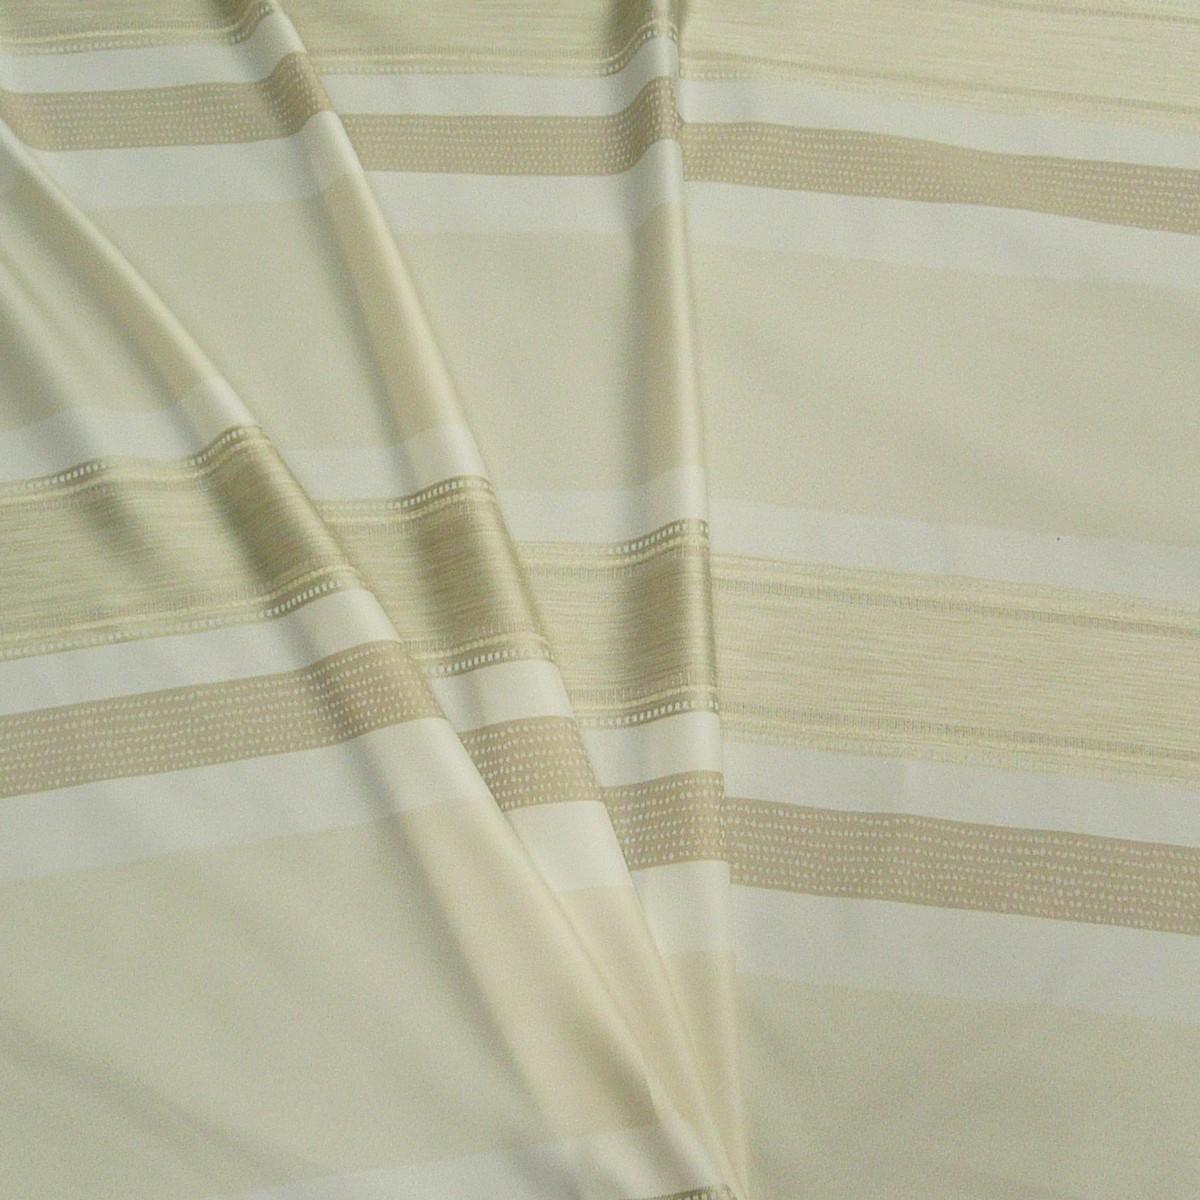 gardinenstoff meterware elpaso streifen wei creme beige 1 50m h he gardinen gardinenstoffe. Black Bedroom Furniture Sets. Home Design Ideas